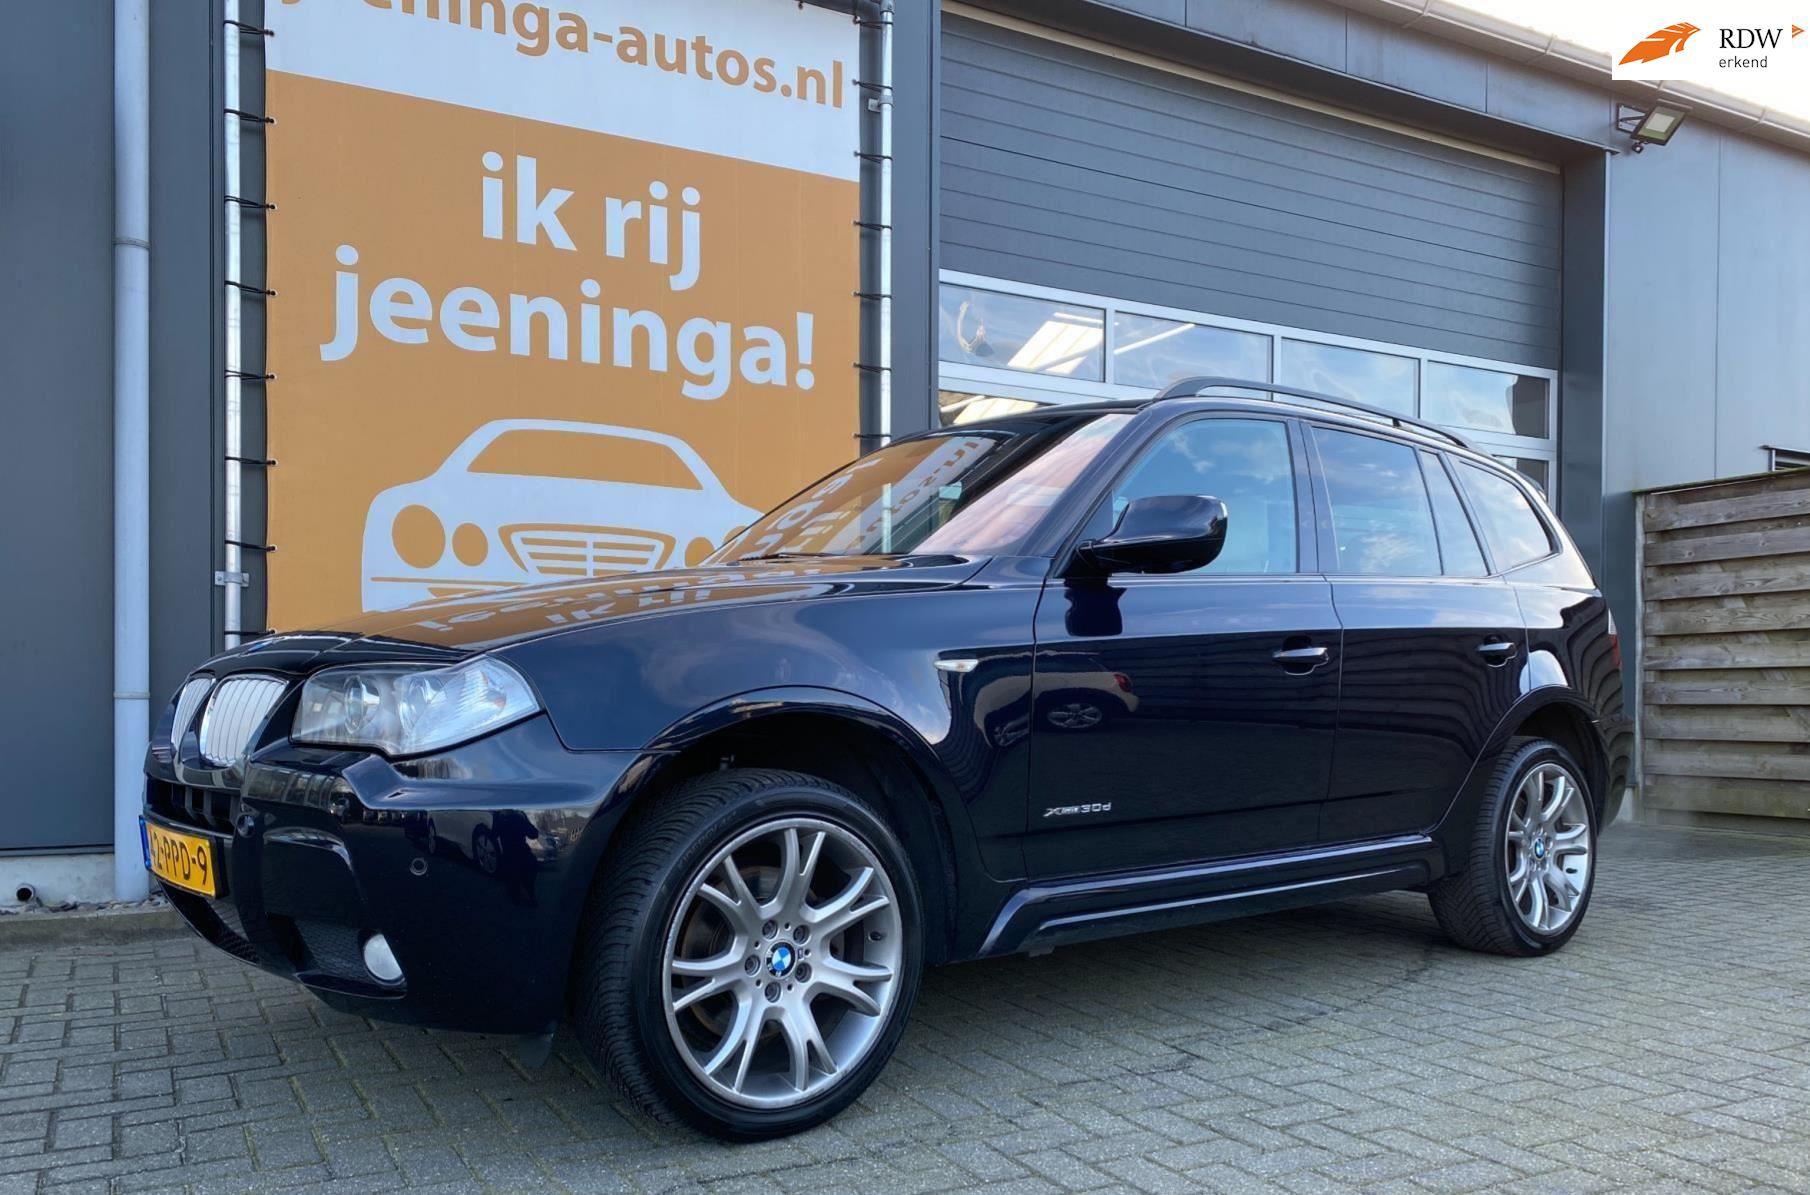 BMW X3 occasion - Jeeninga Auto's